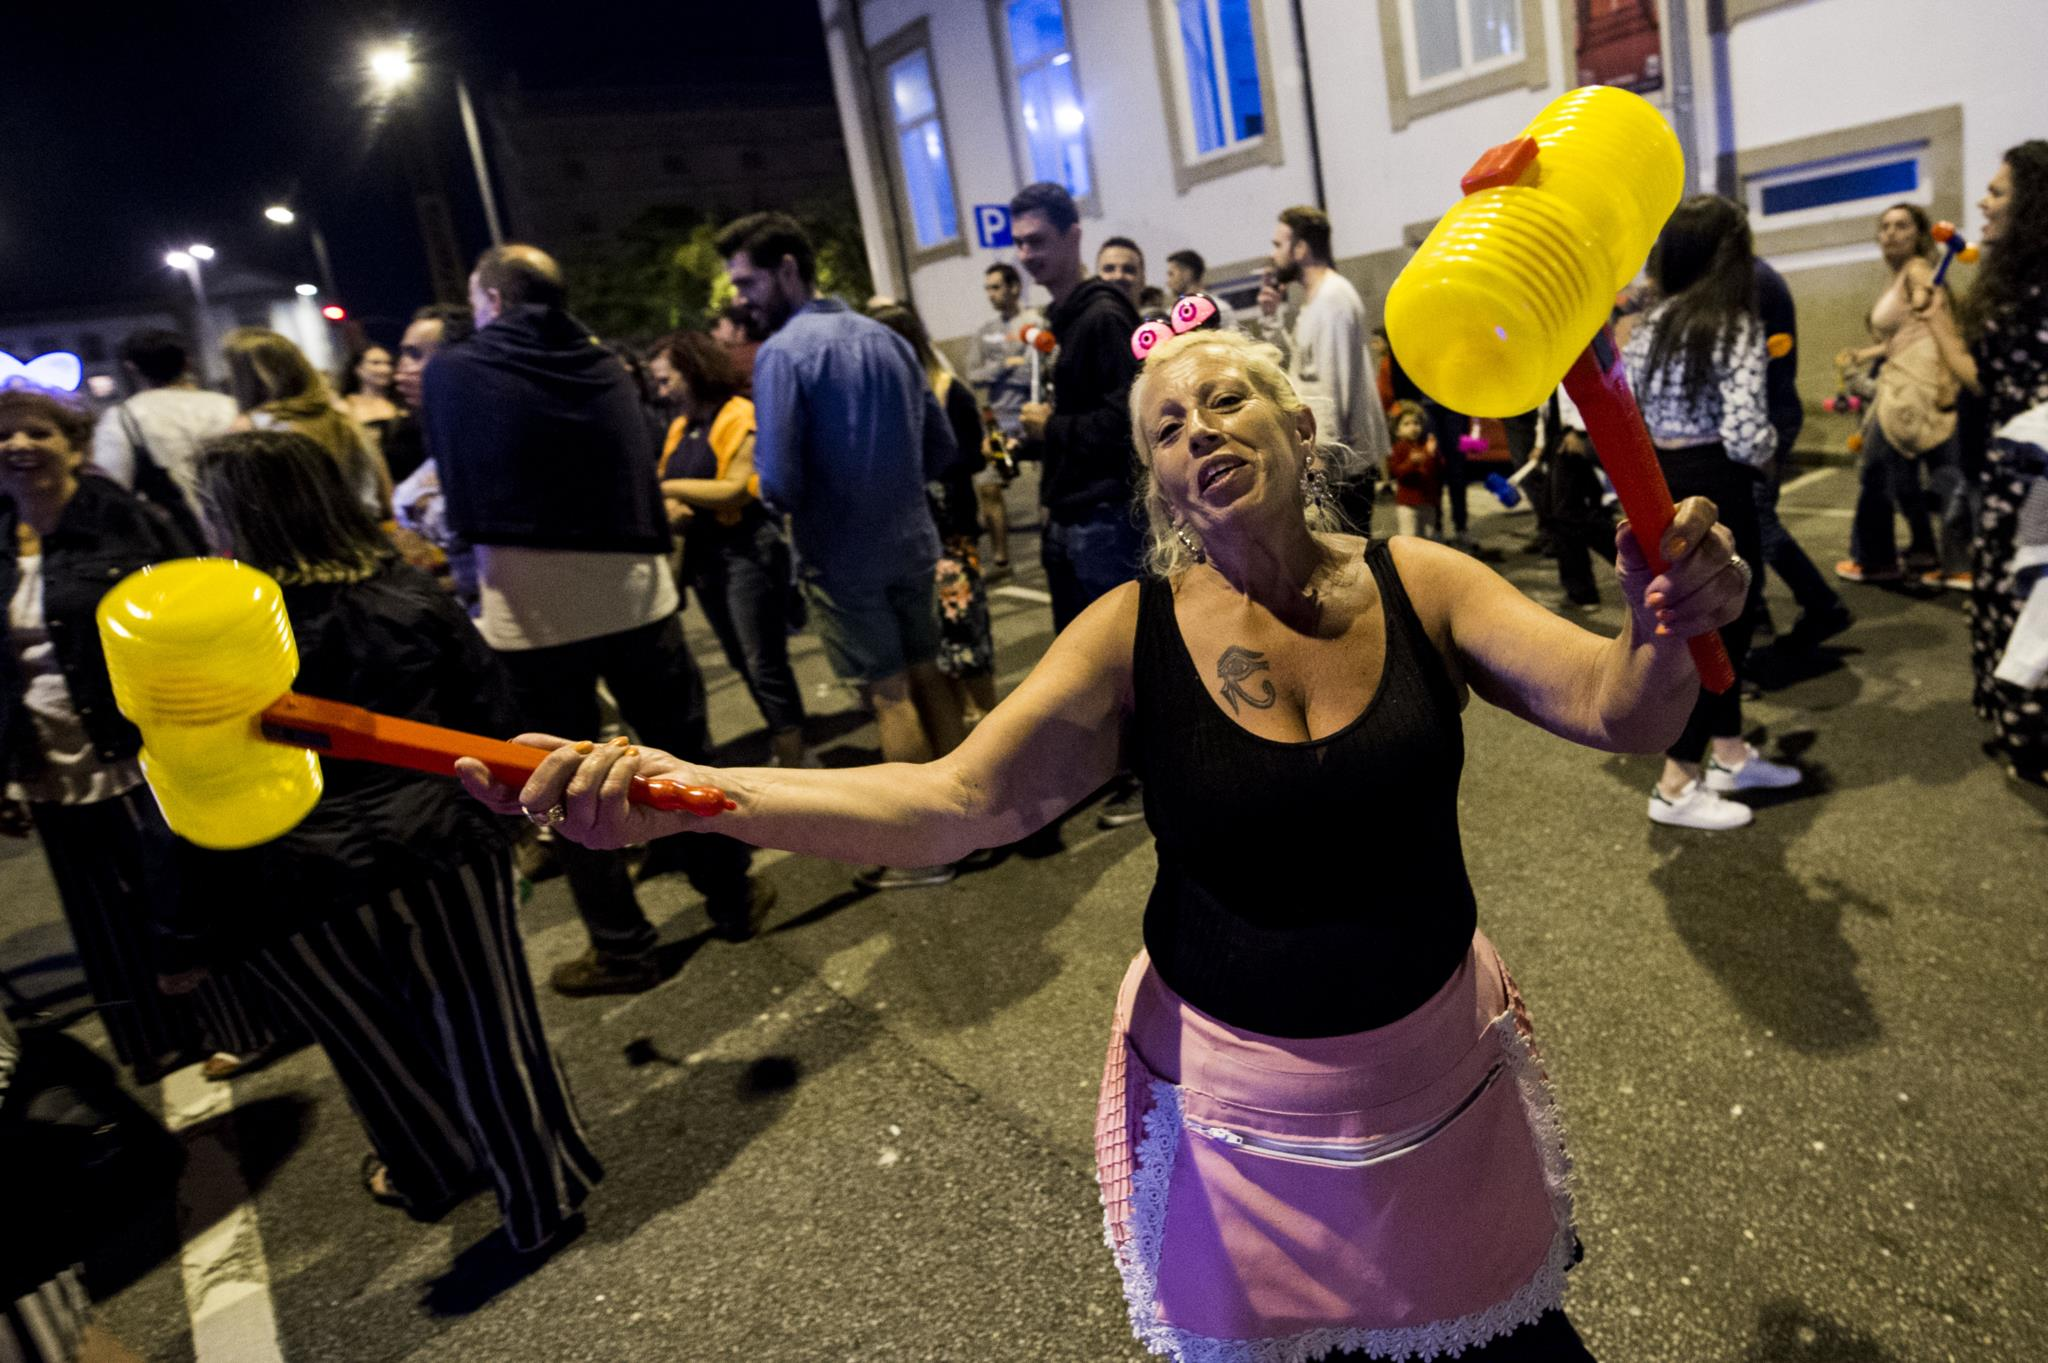 PÚBLICO - O Porto saiu à rua sem balão na sua festa de eleição